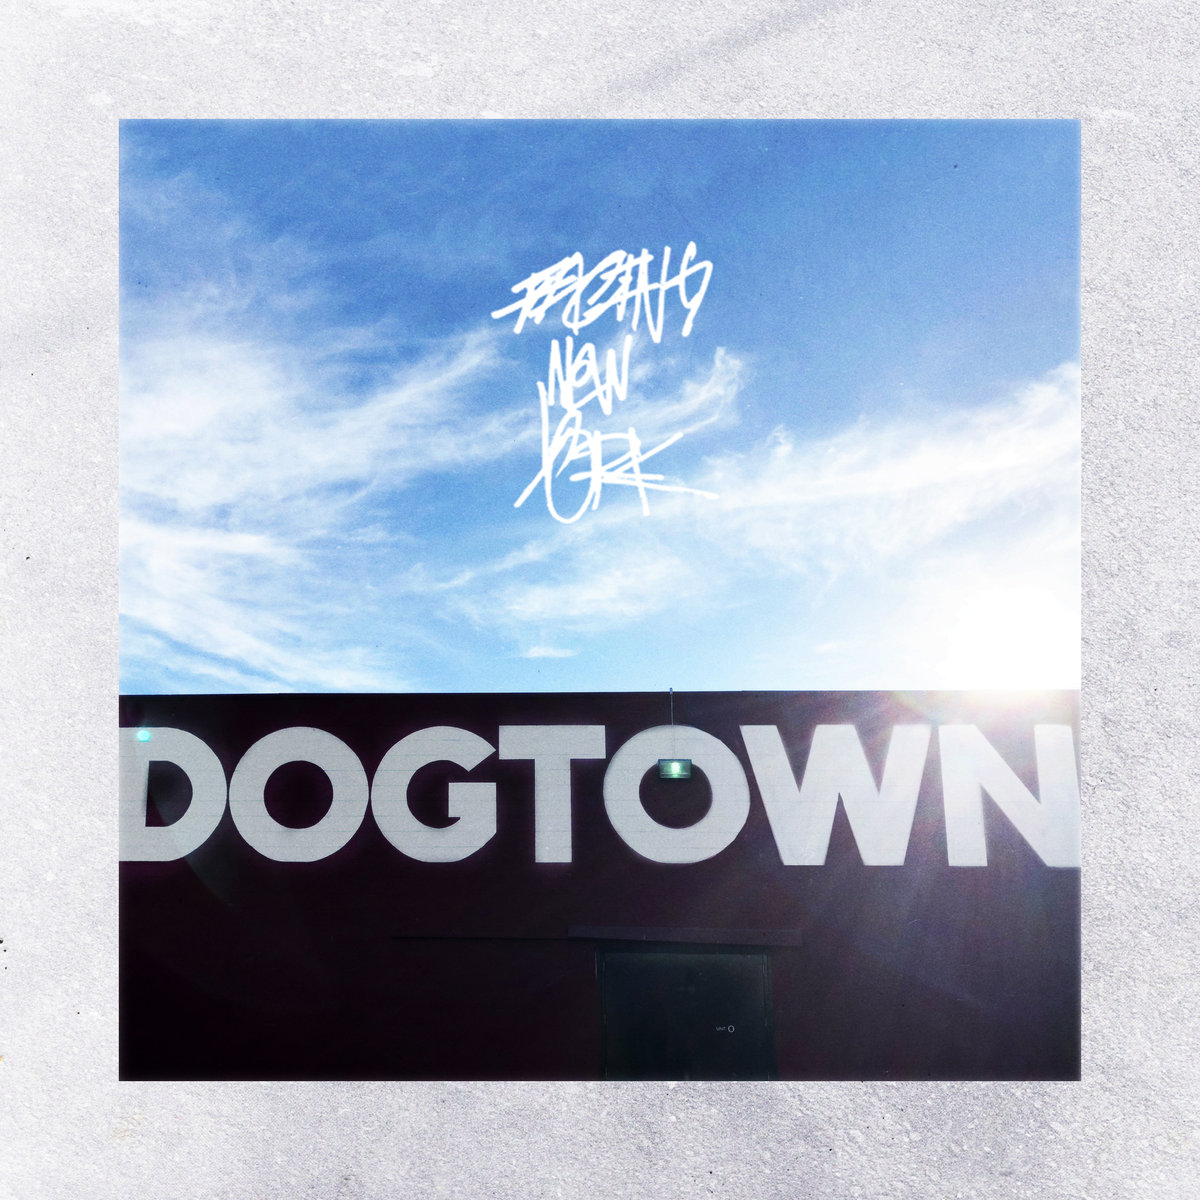 dogtown.jpg